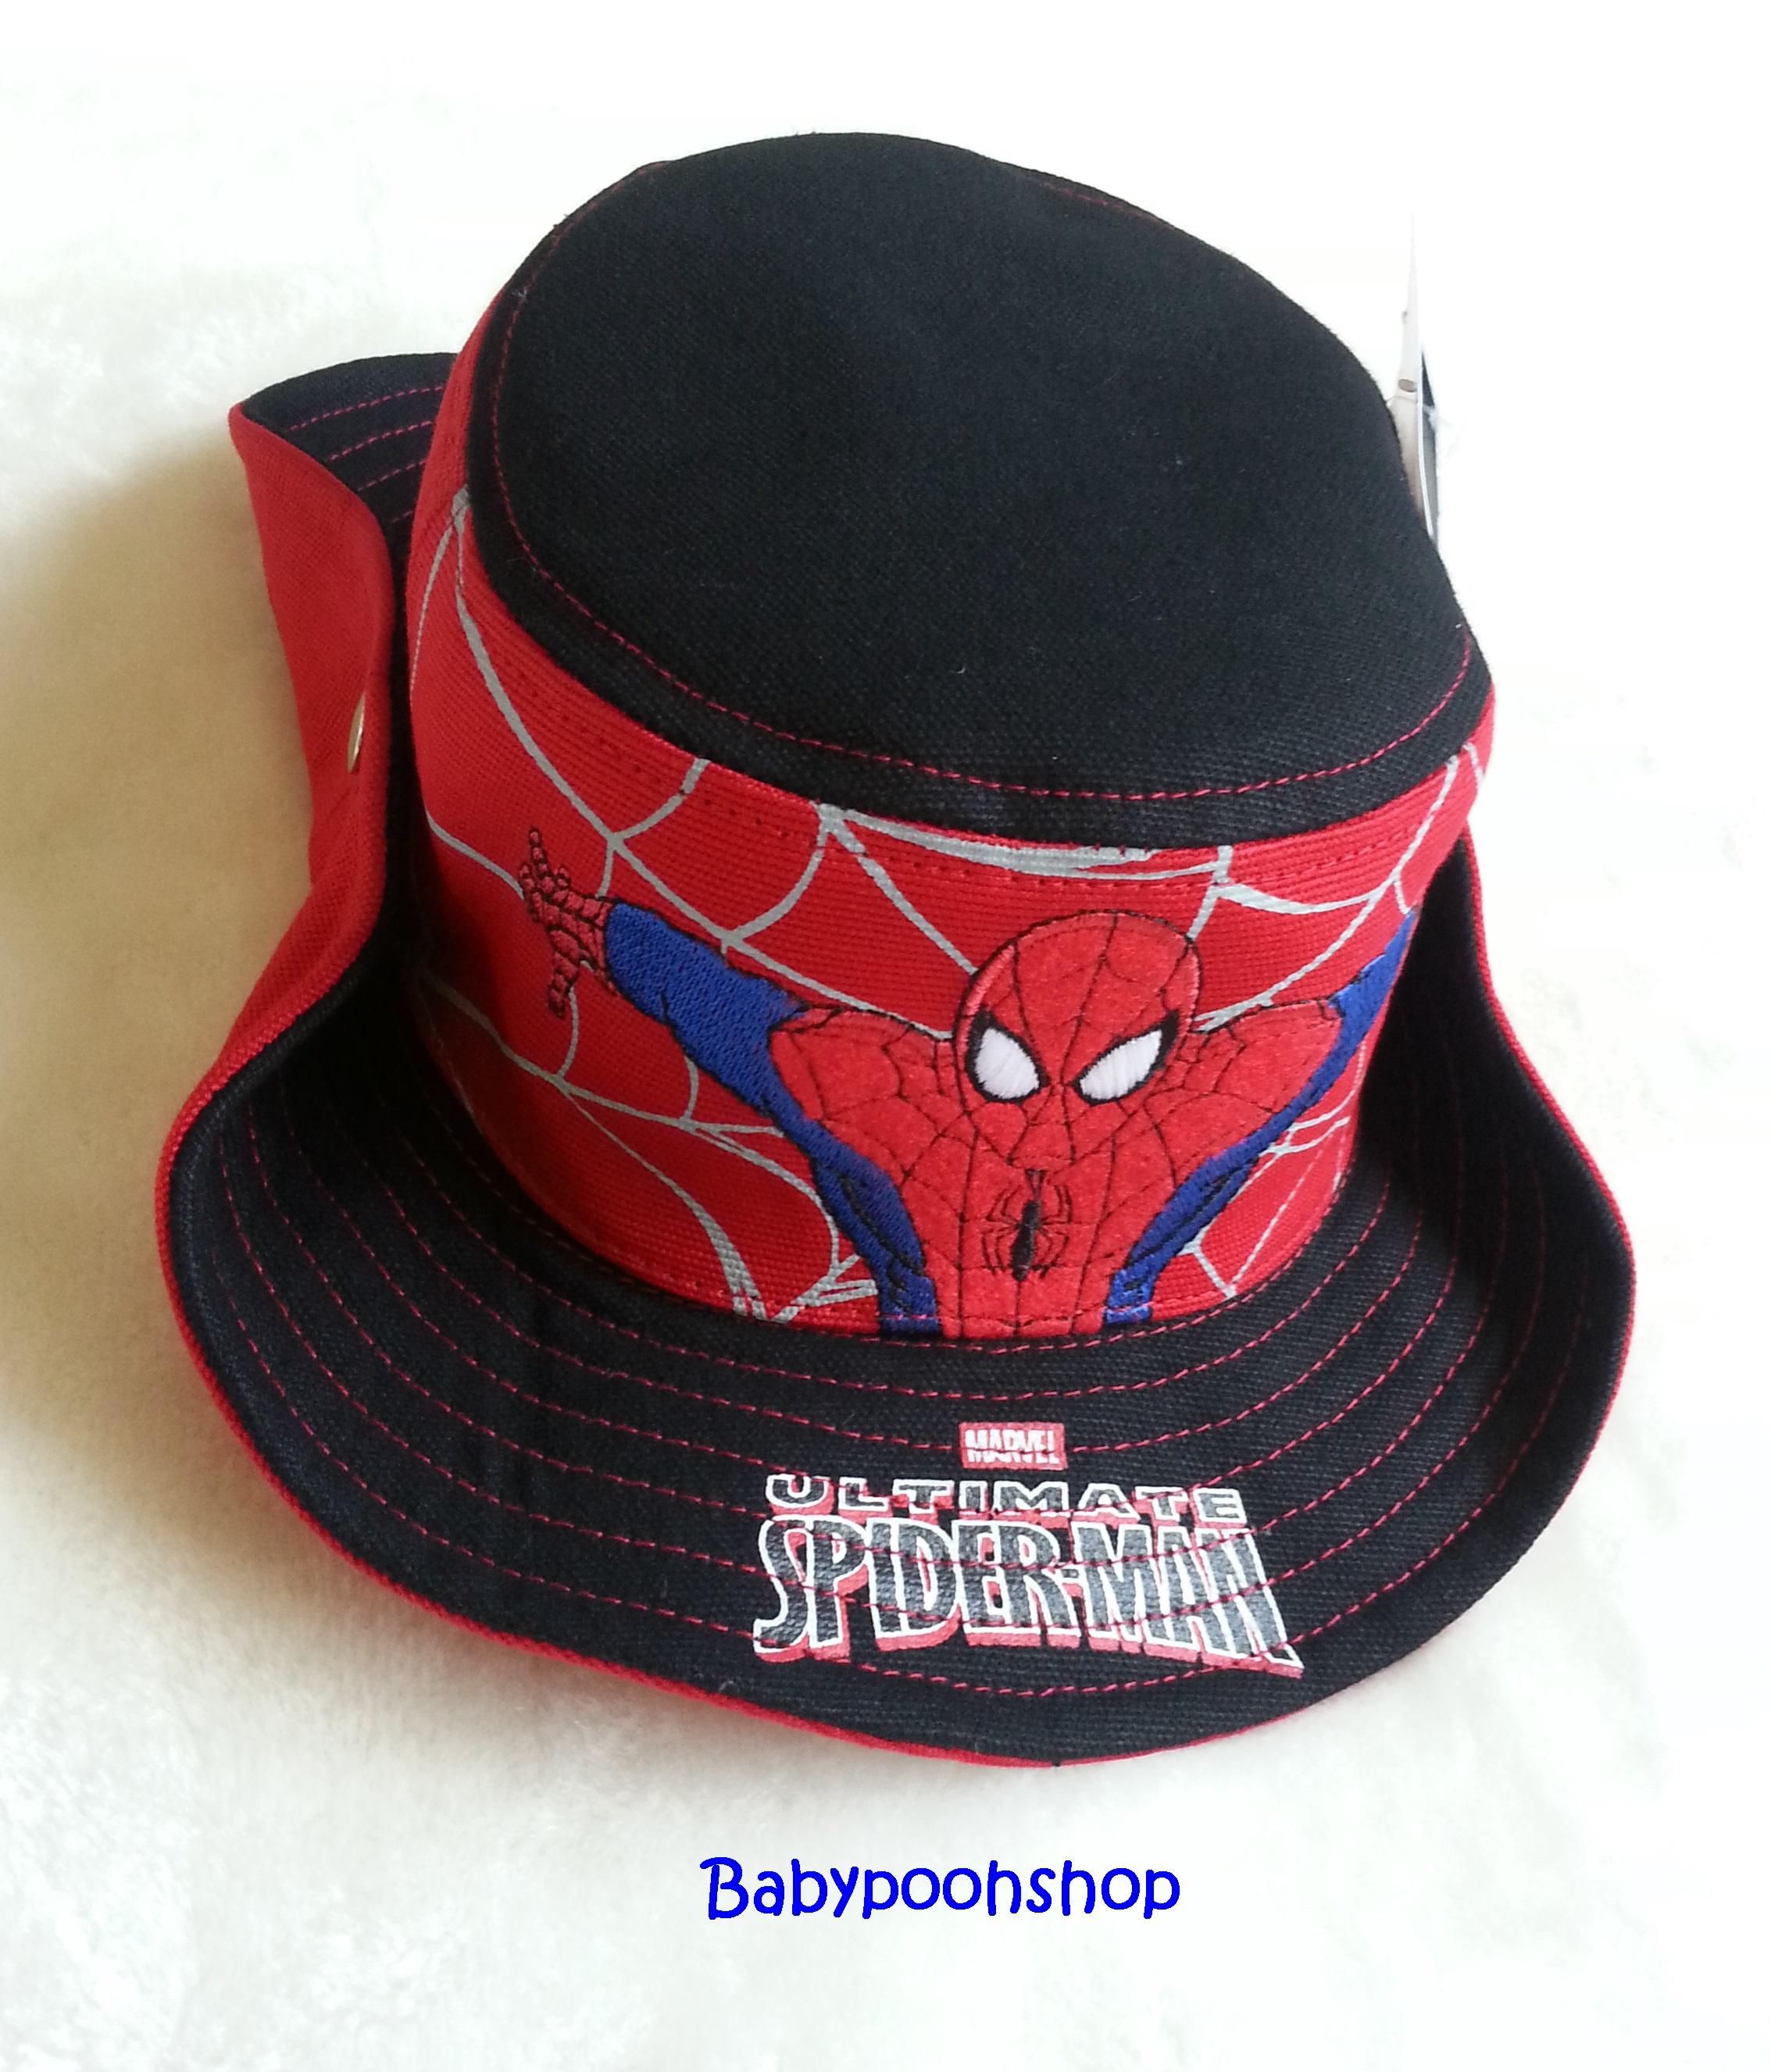 หมวก ทรง คาวบอย ลาย Spiderman สีดำ (งานลิขสิทธิ์)